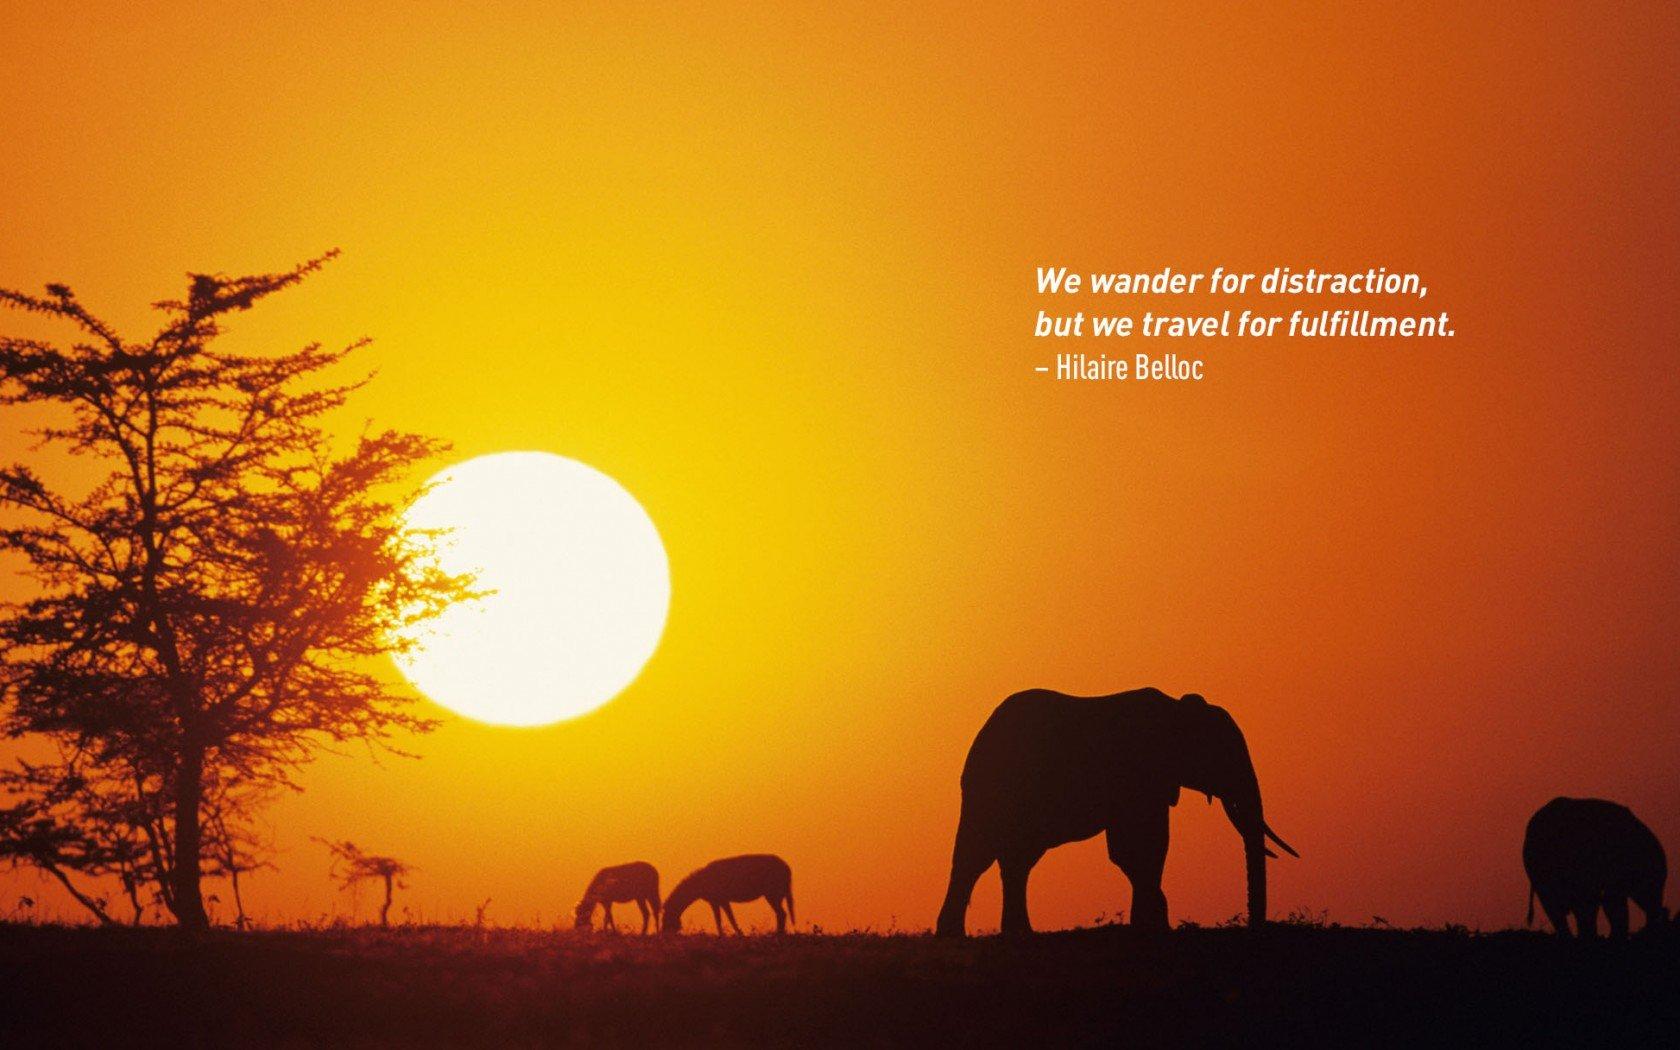 Hilaire Belloc citations de voyage.